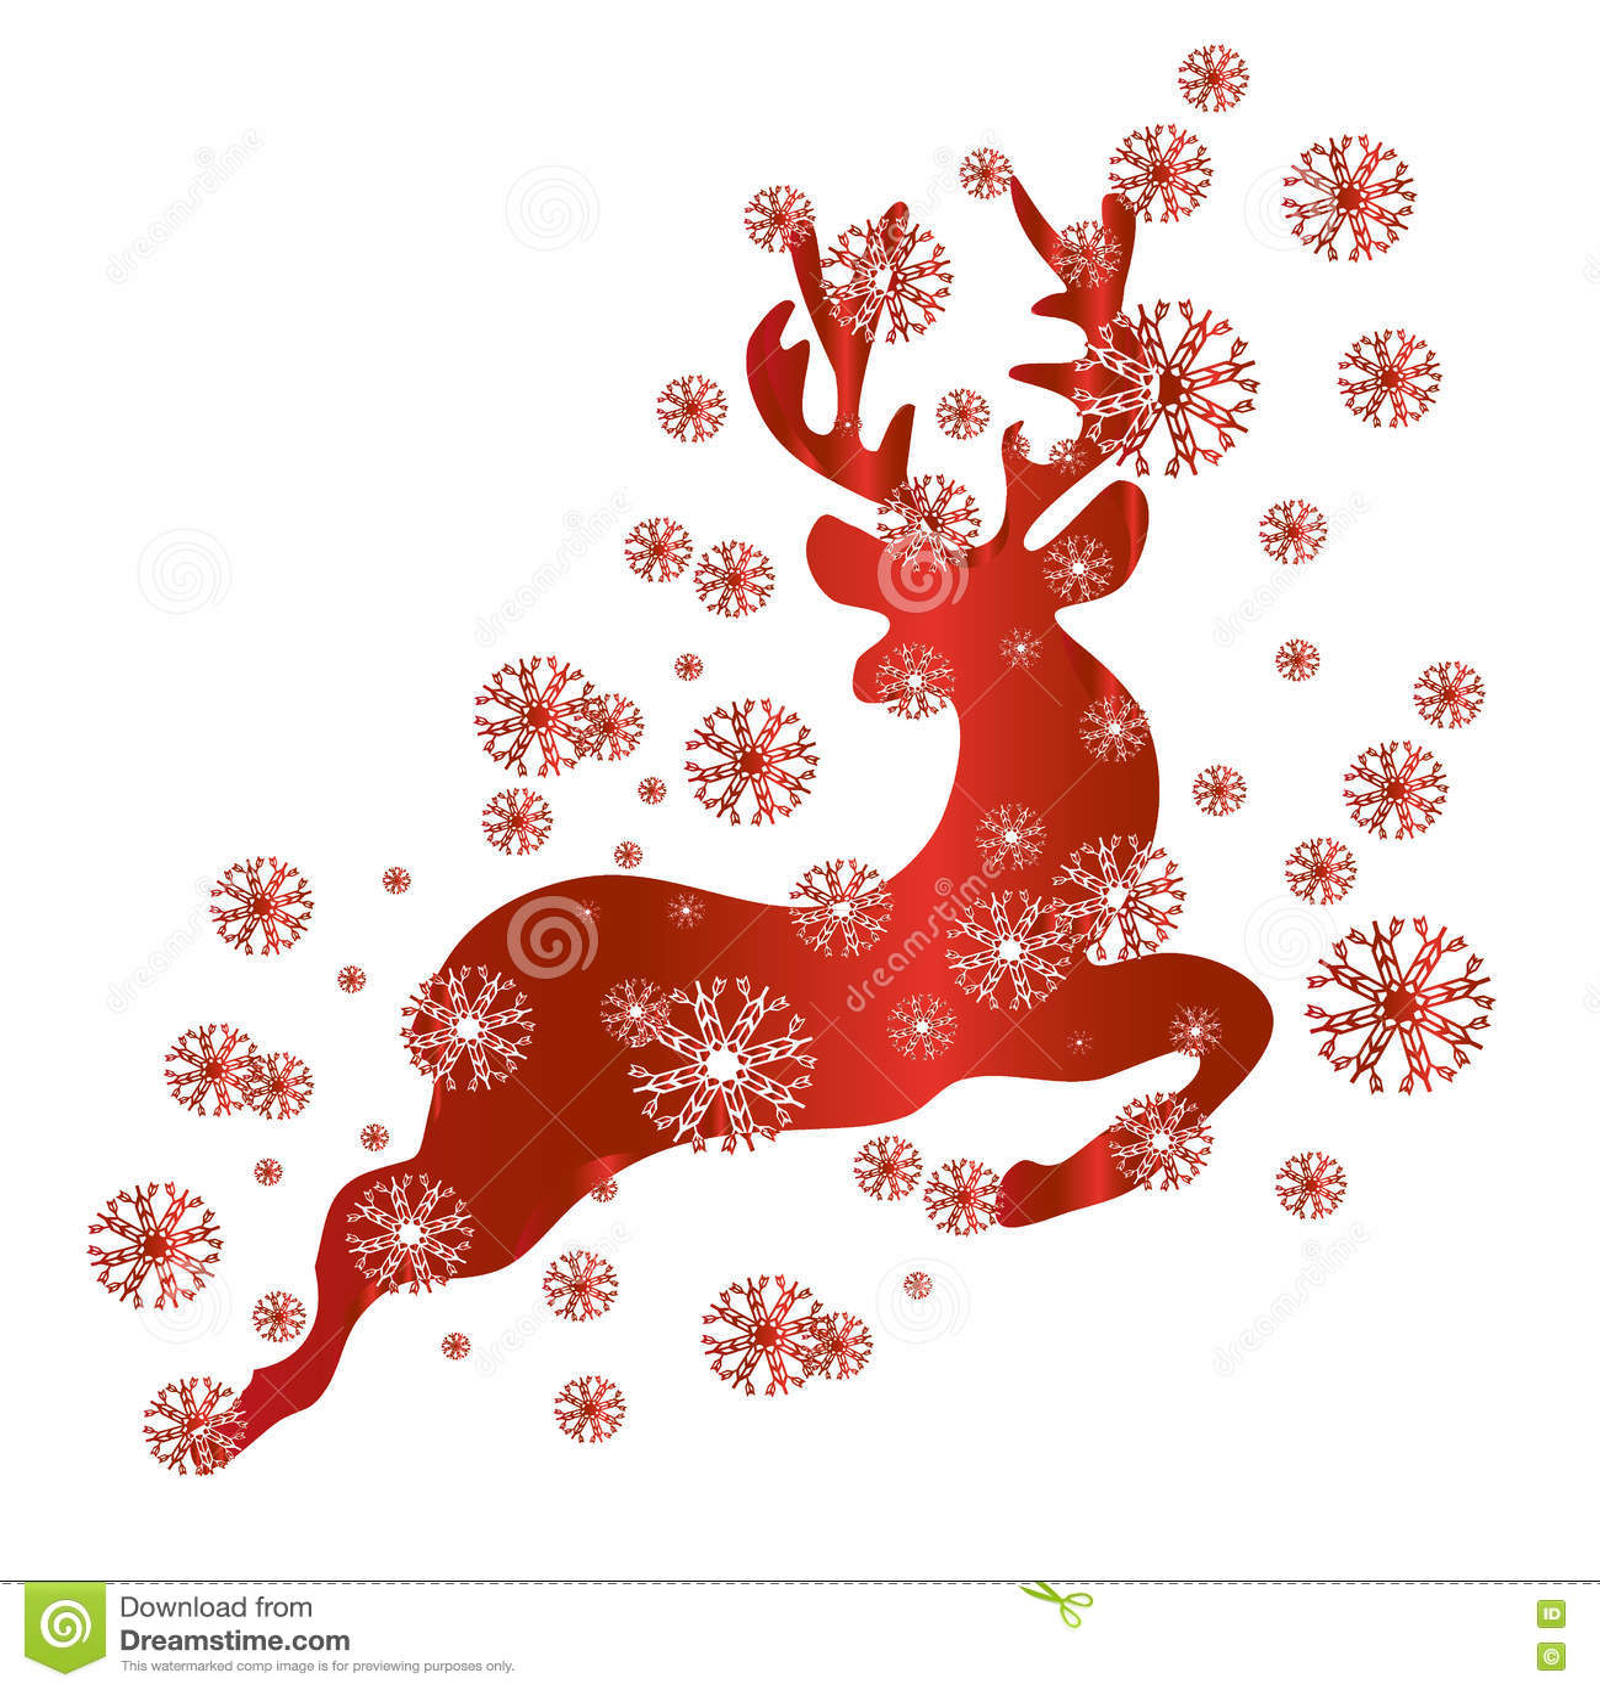 Ren i rött och snö, vektor